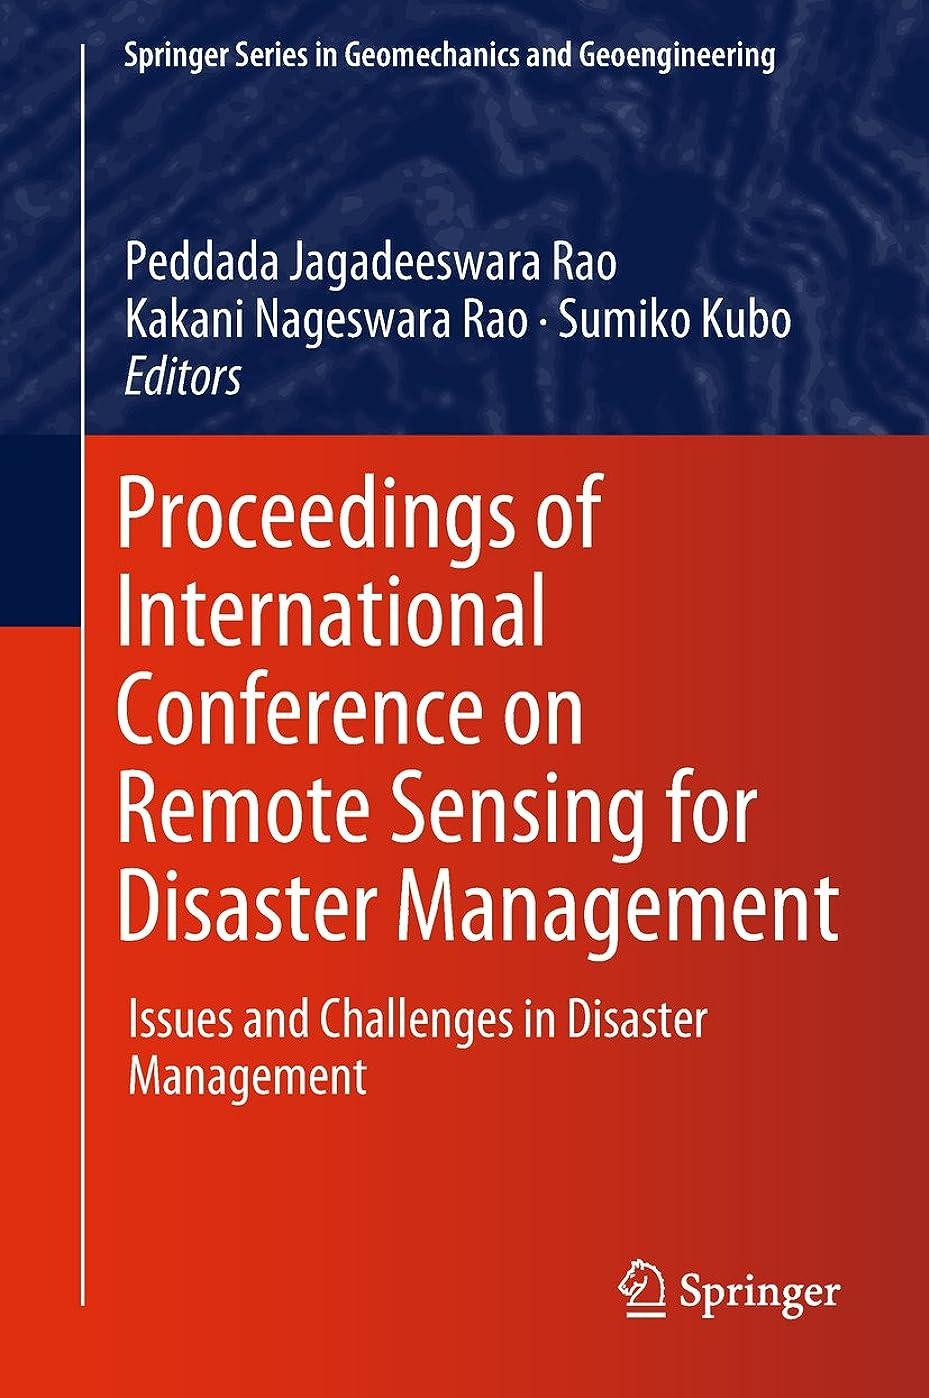 梨紫の側溝Proceedings of International Conference on Remote Sensing for Disaster Management: Issues and Challenges in Disaster Management (Springer Series in Geomechanics and Geoengineering) (English Edition)